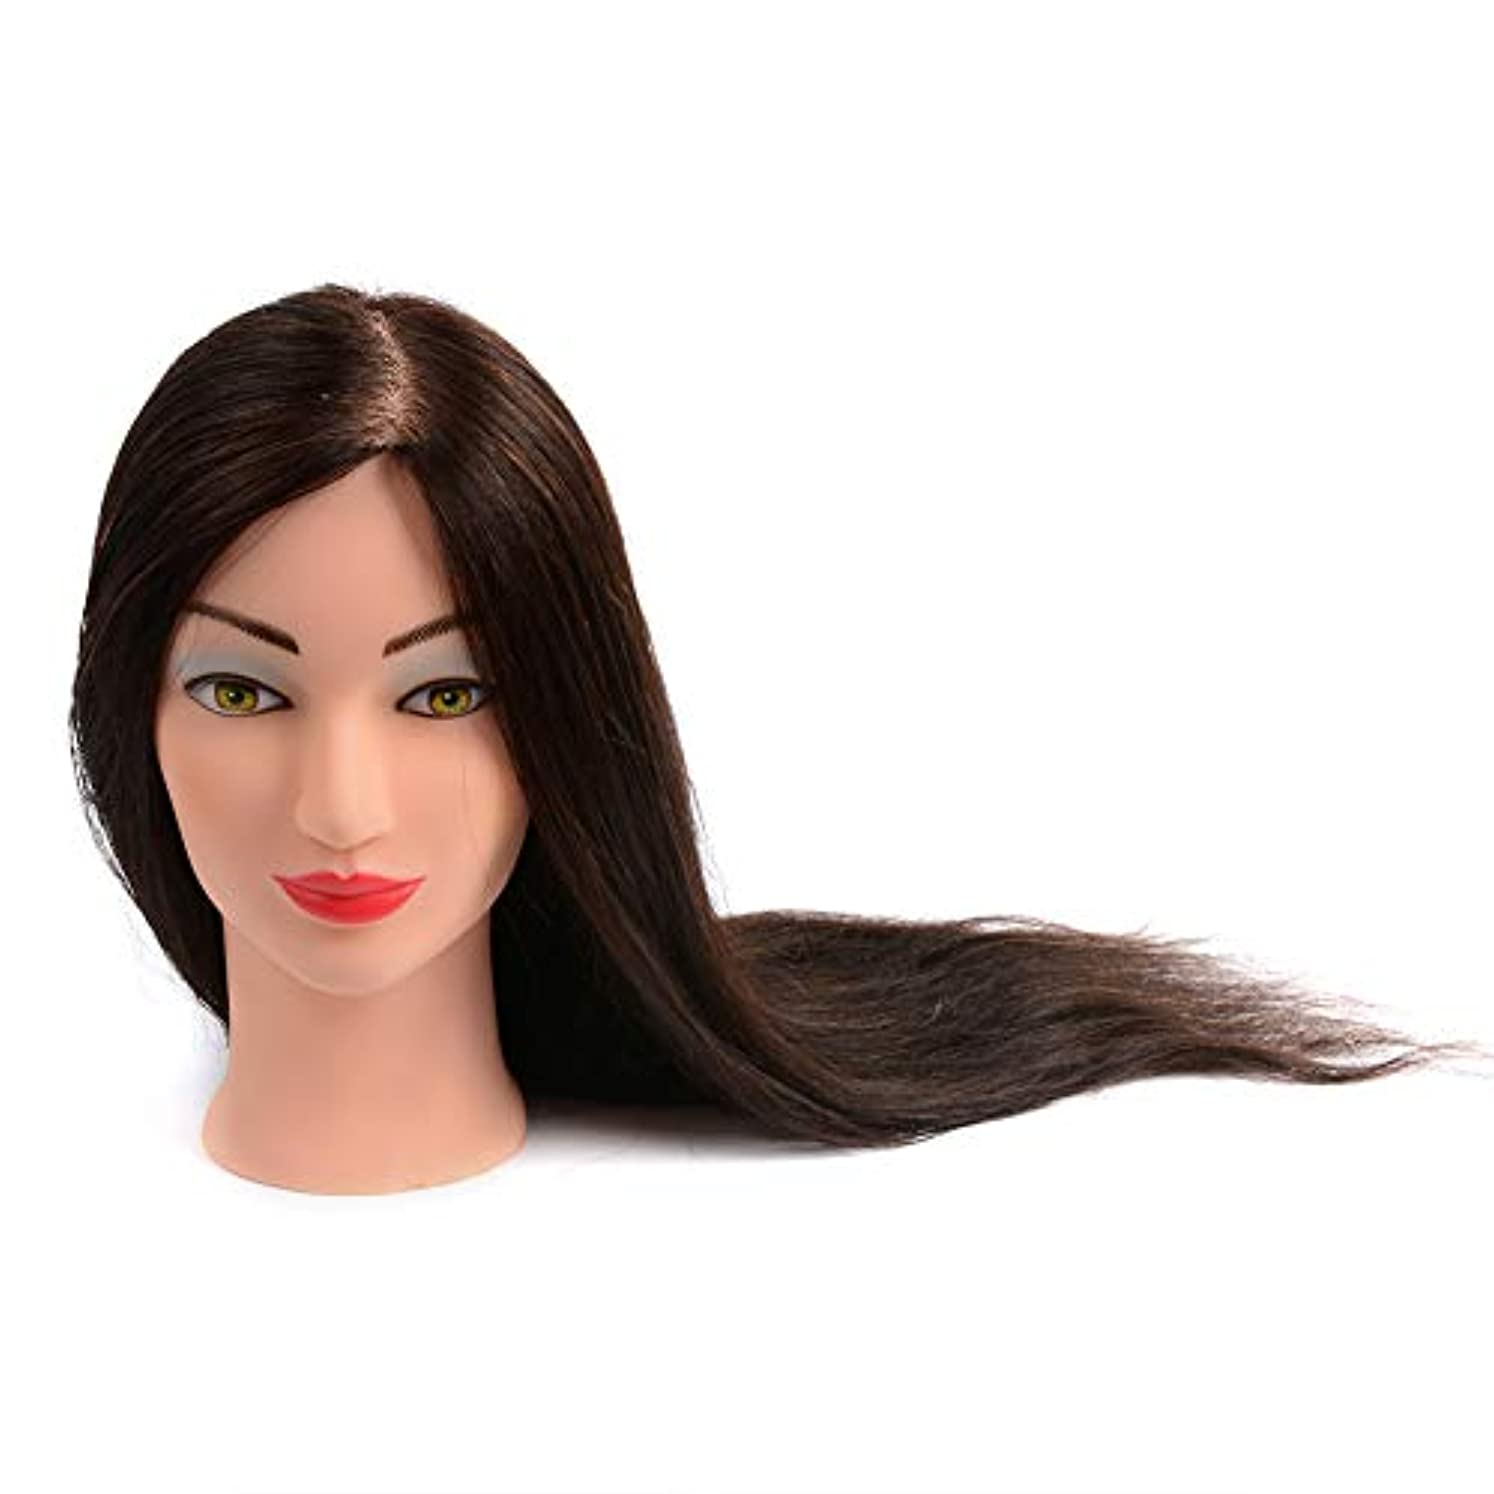 縞模様のビヨン寮サロン散髪学習ダミーヘッドブライダルメイクスタイリングプラクティスモデルの髪を染めることができ、漂白ティーチングヘッド